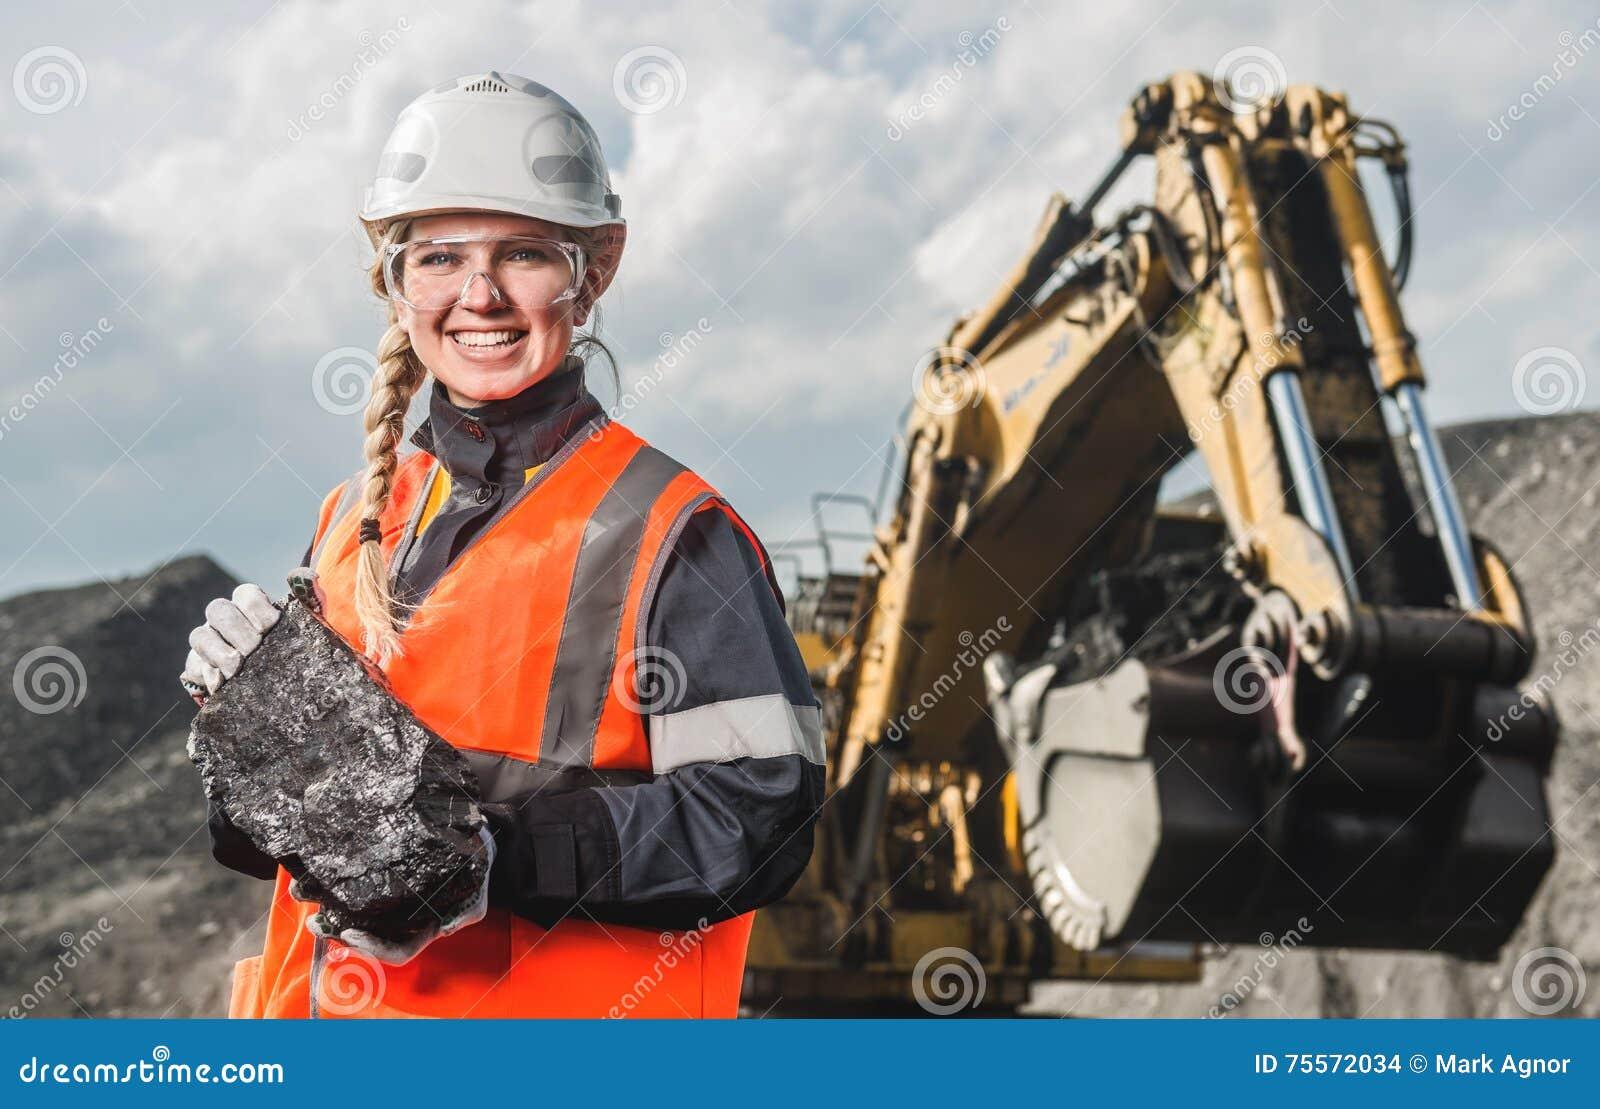 Arbetare med kol i händerna